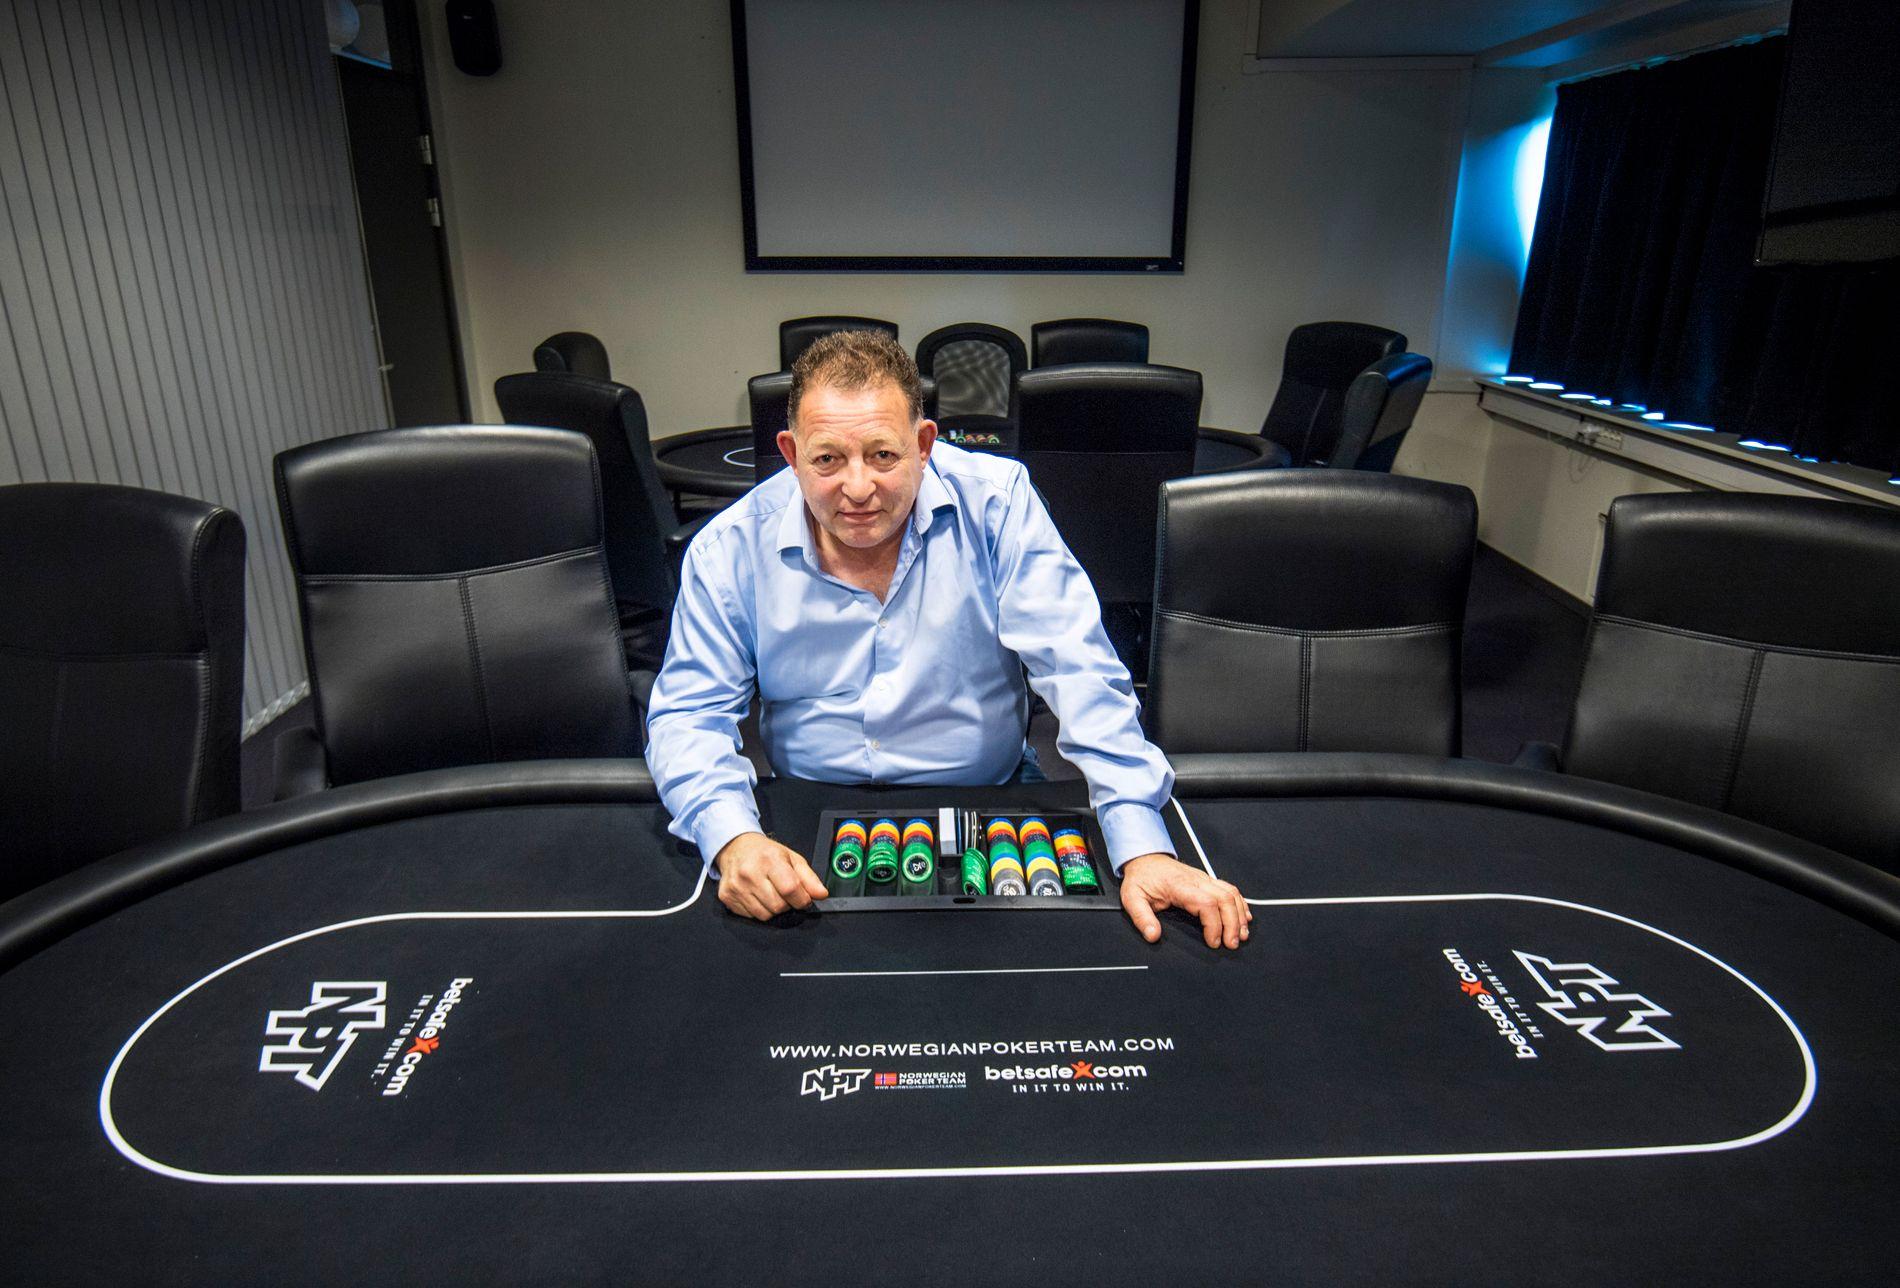 POKER HELLER: Steinar Klein i Norwegian Poker Team mener at en lovendring må på plass